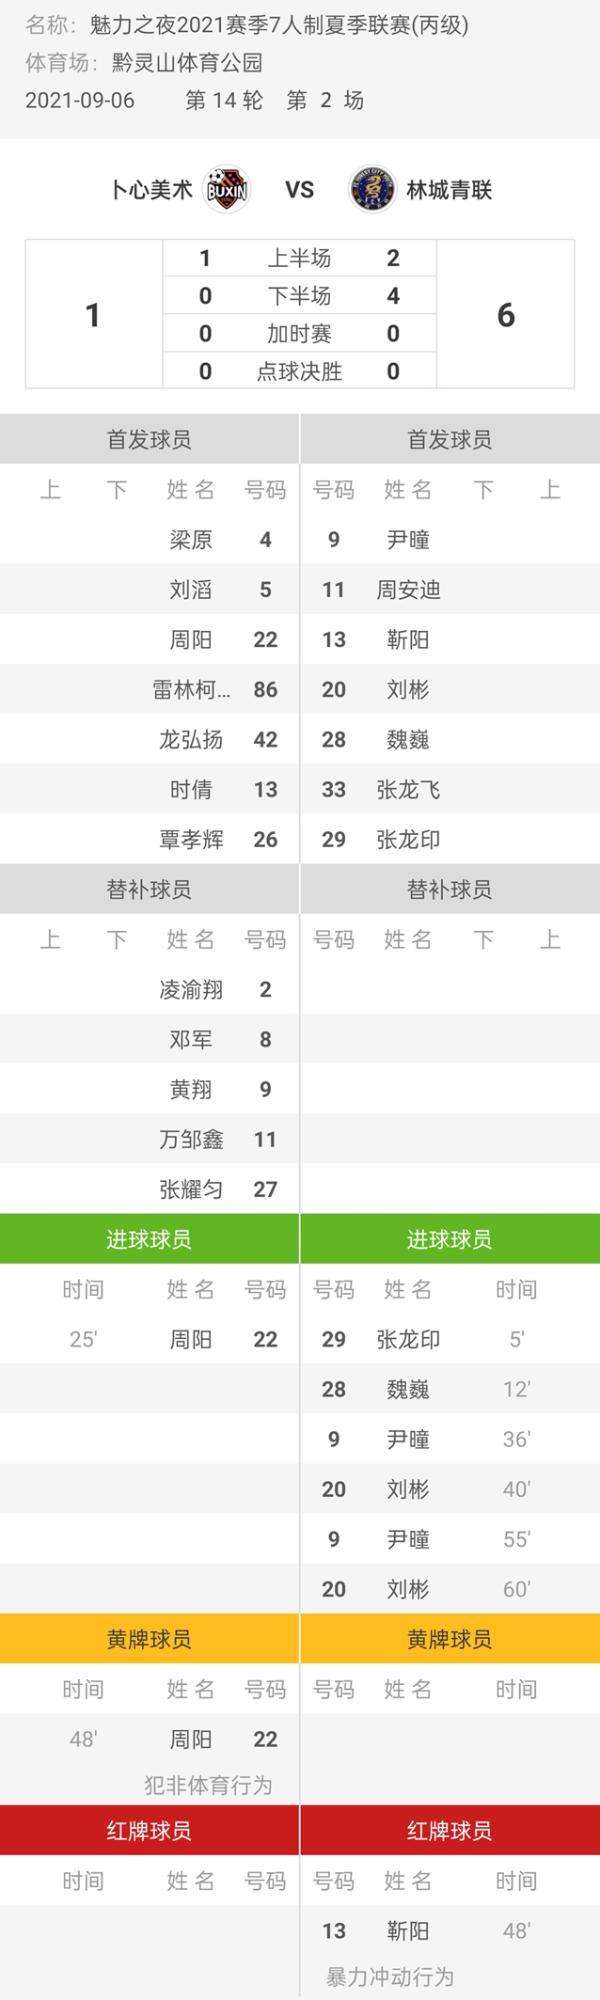 魅力之夜2021赛季7人制足球夏季联赛 卜心美术1-6林城青联